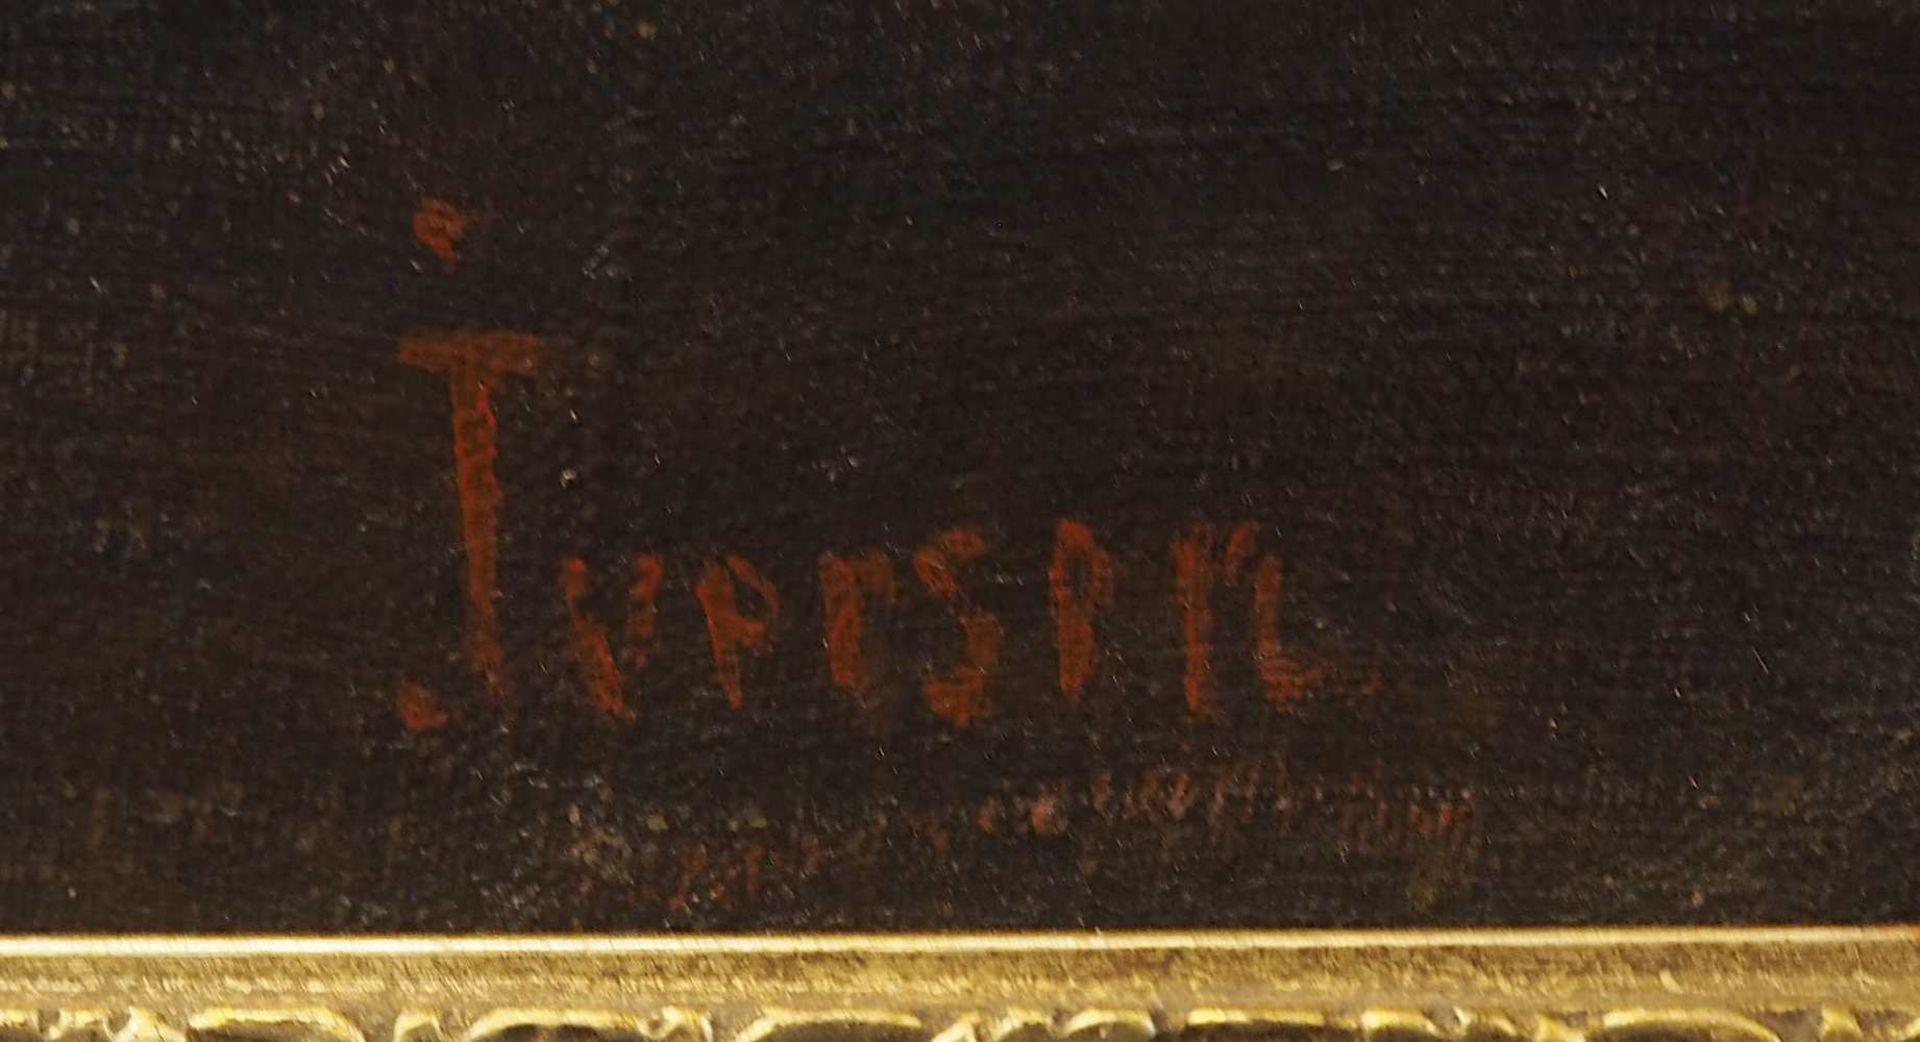 """1 Ölgemälde R.u. sign. IVERSEN (wohl Helene I. 1870 bis ca. 1930), """"Stillleben mit Apfelblüte - Bild 3 aus 8"""